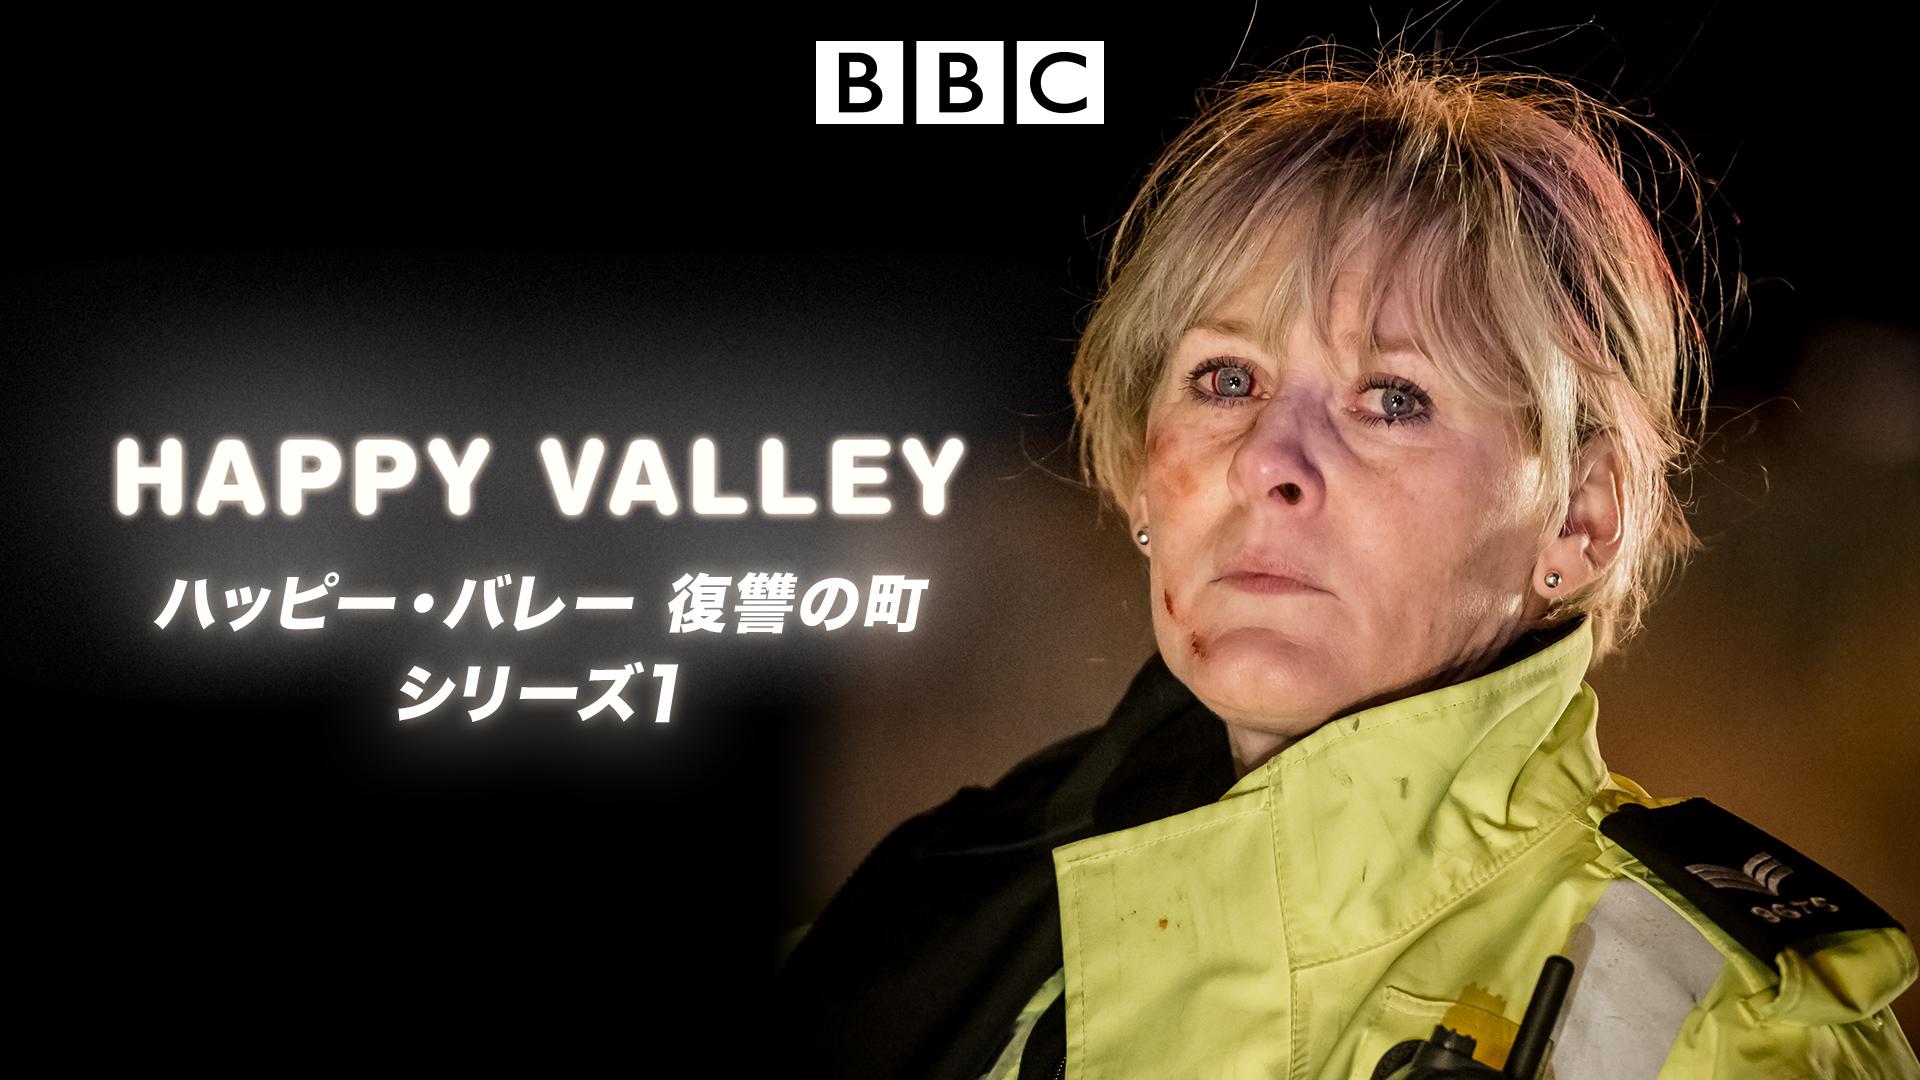 Happy Valley/ ハッピー・バレー 復讐の町(字幕版)